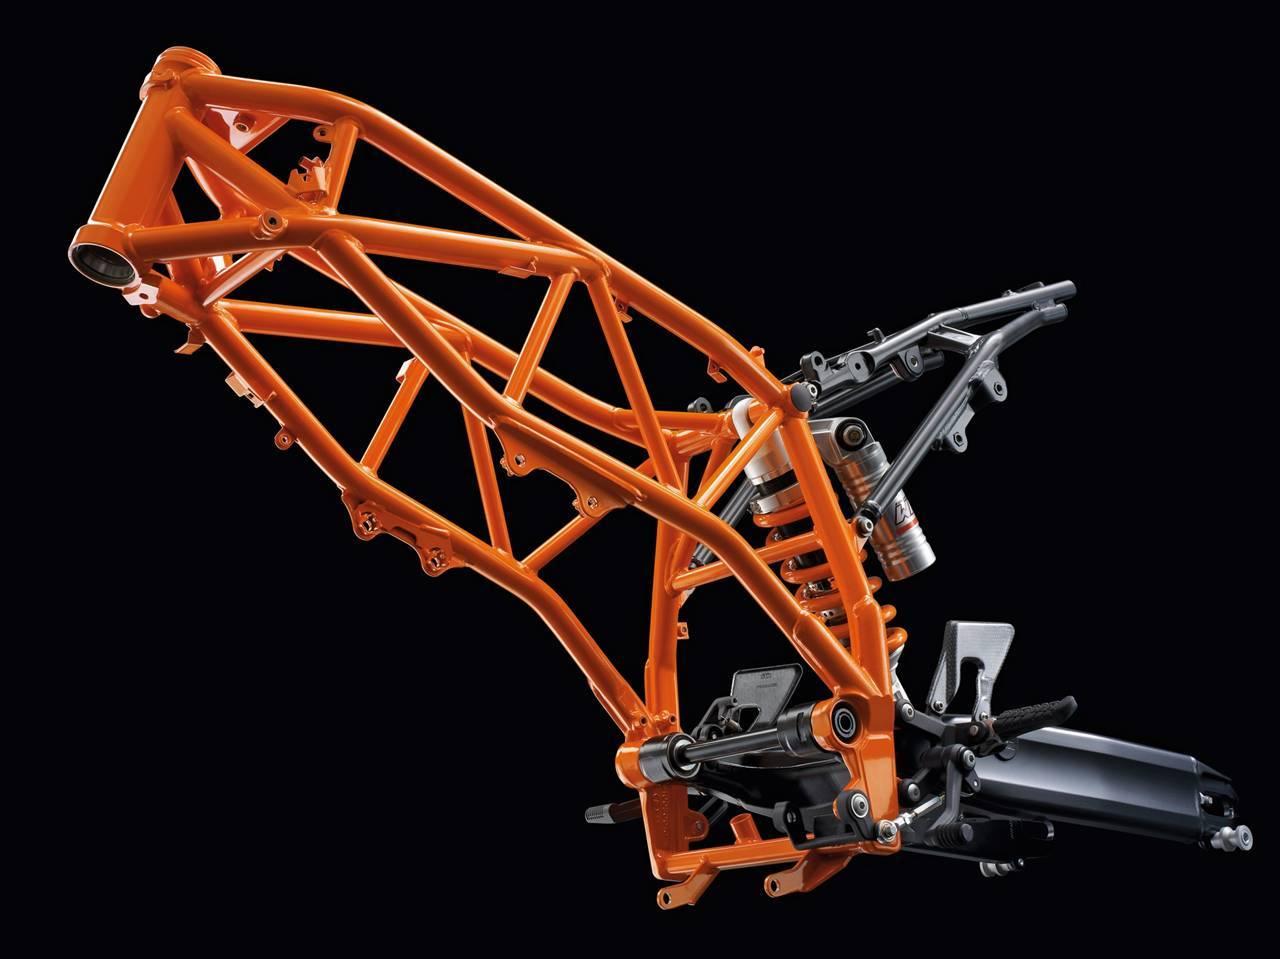 Foto de Resto de novedades de KTM presentada en el Salón de Milán 2011 (19/25)